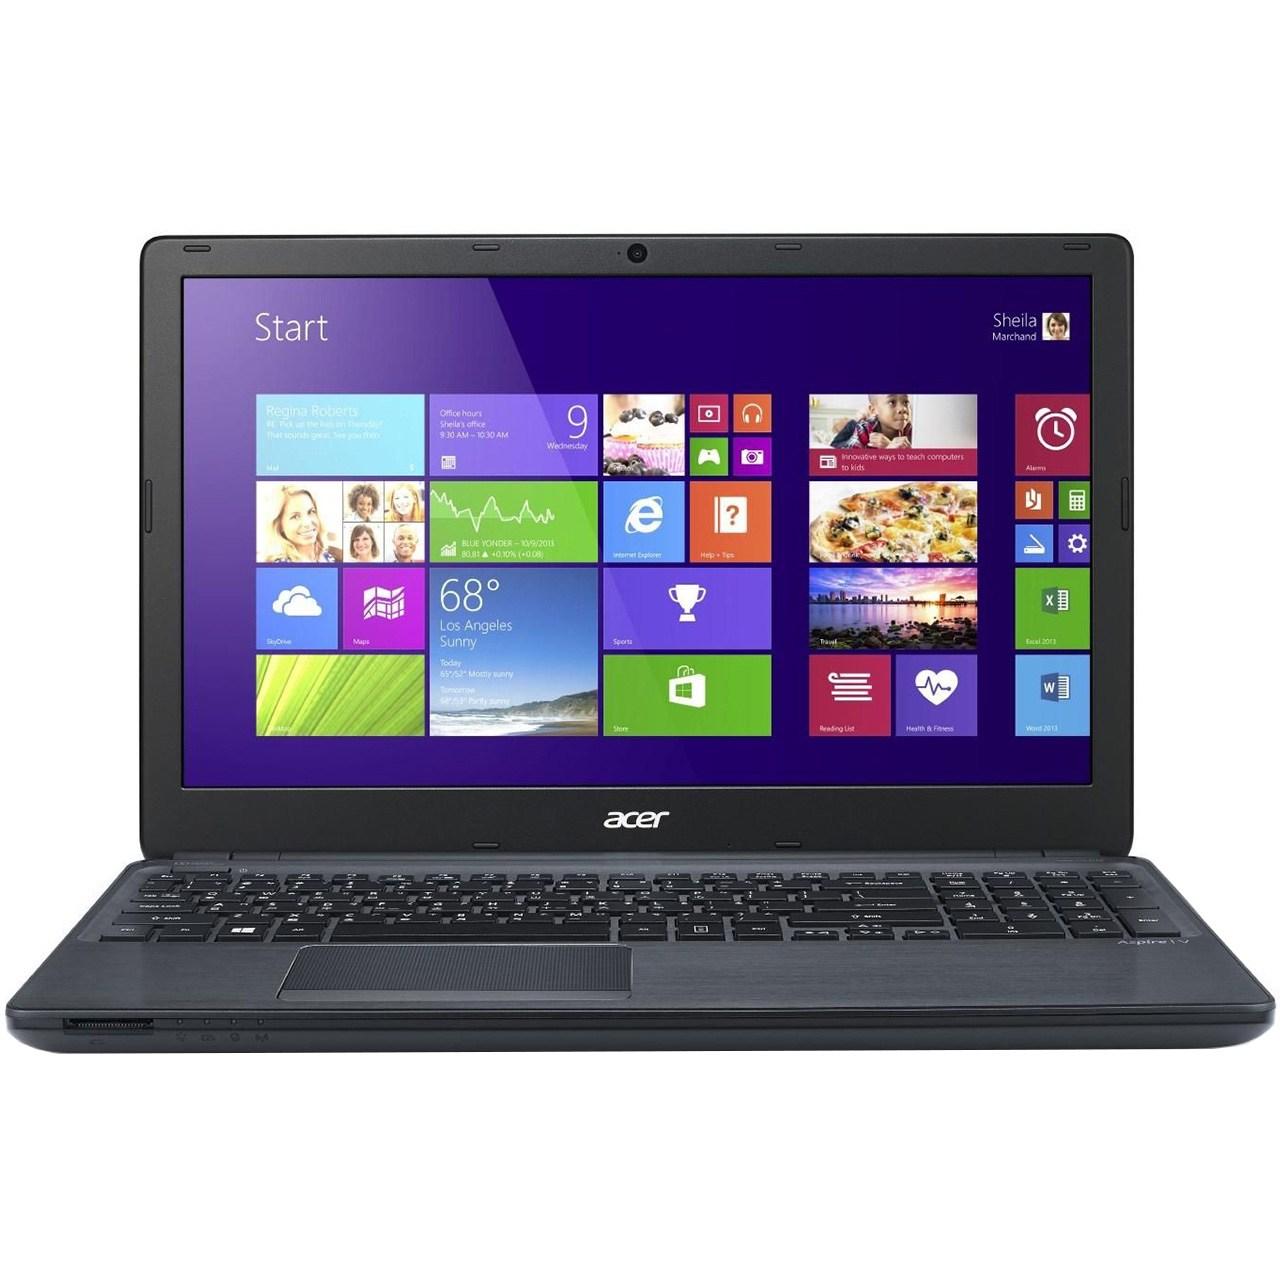 لپ تاپ 15 اینچی ایسر مدل Aspire V5-561G-74508G1TMaik